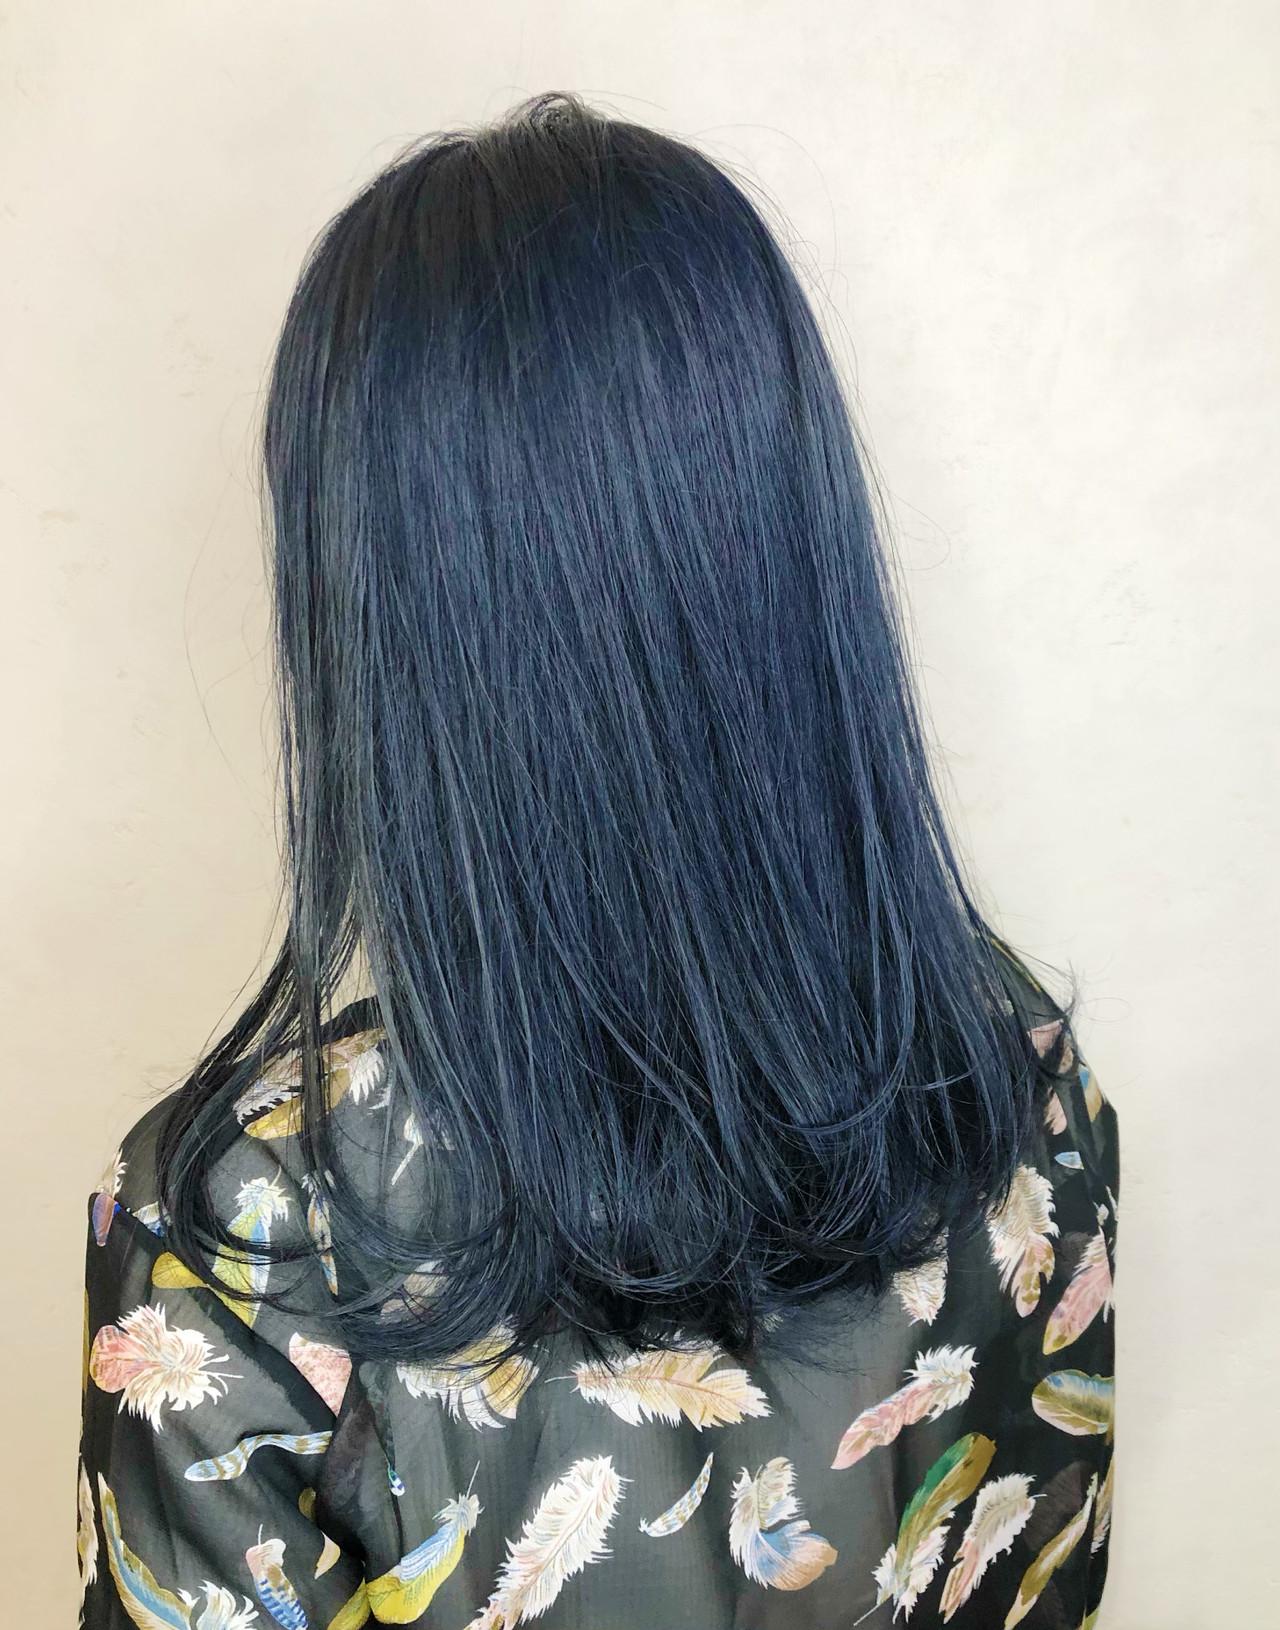 ストリート ネイビーカラー ネイビーブルー ブリーチカラー ヘアスタイルや髪型の写真・画像